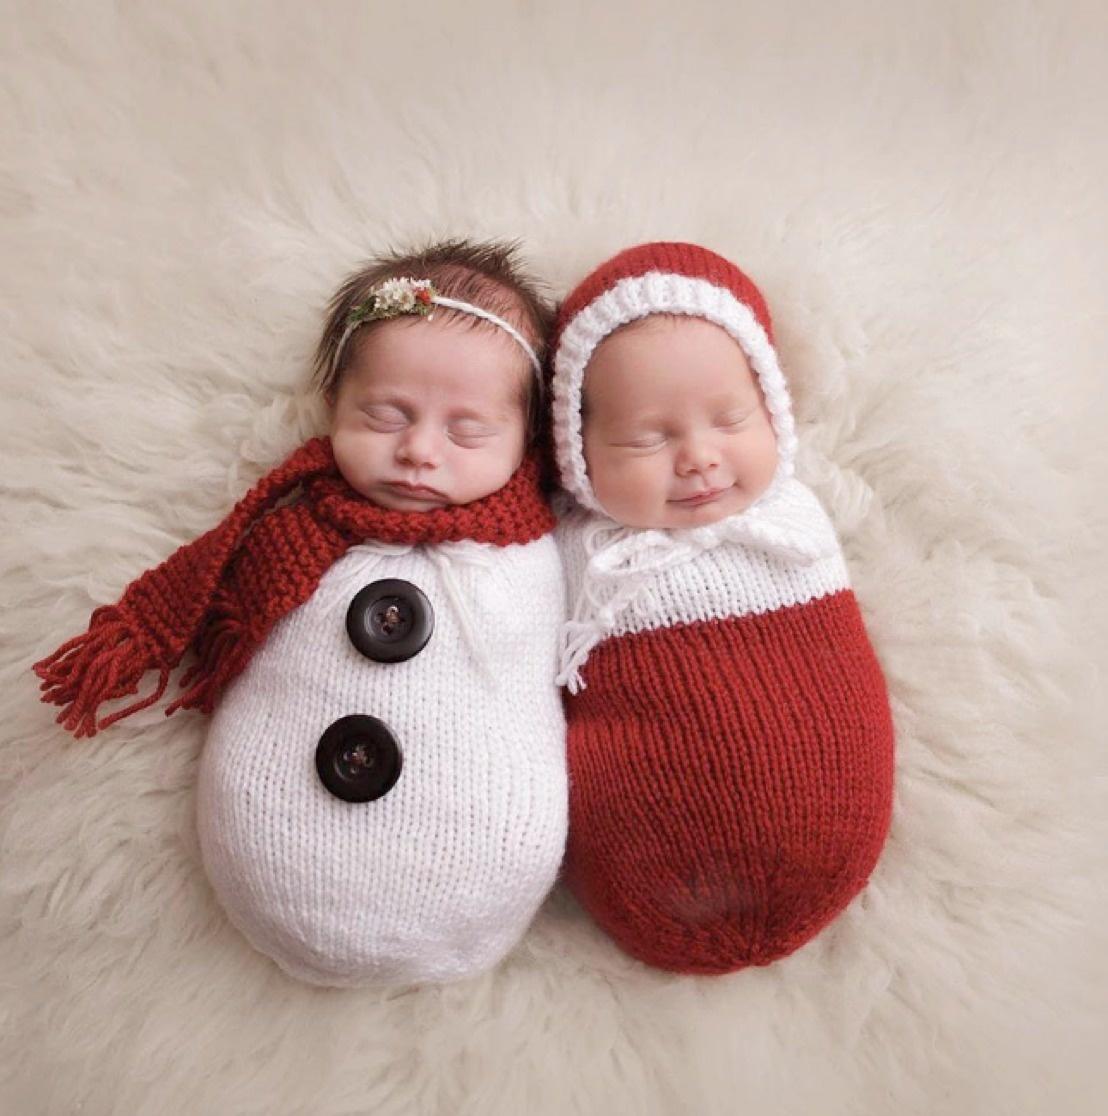 17 Χριστουγεννιάτικες φωτογραφίες νεογέννητων μωρών που θα σας ξετρελάνουν